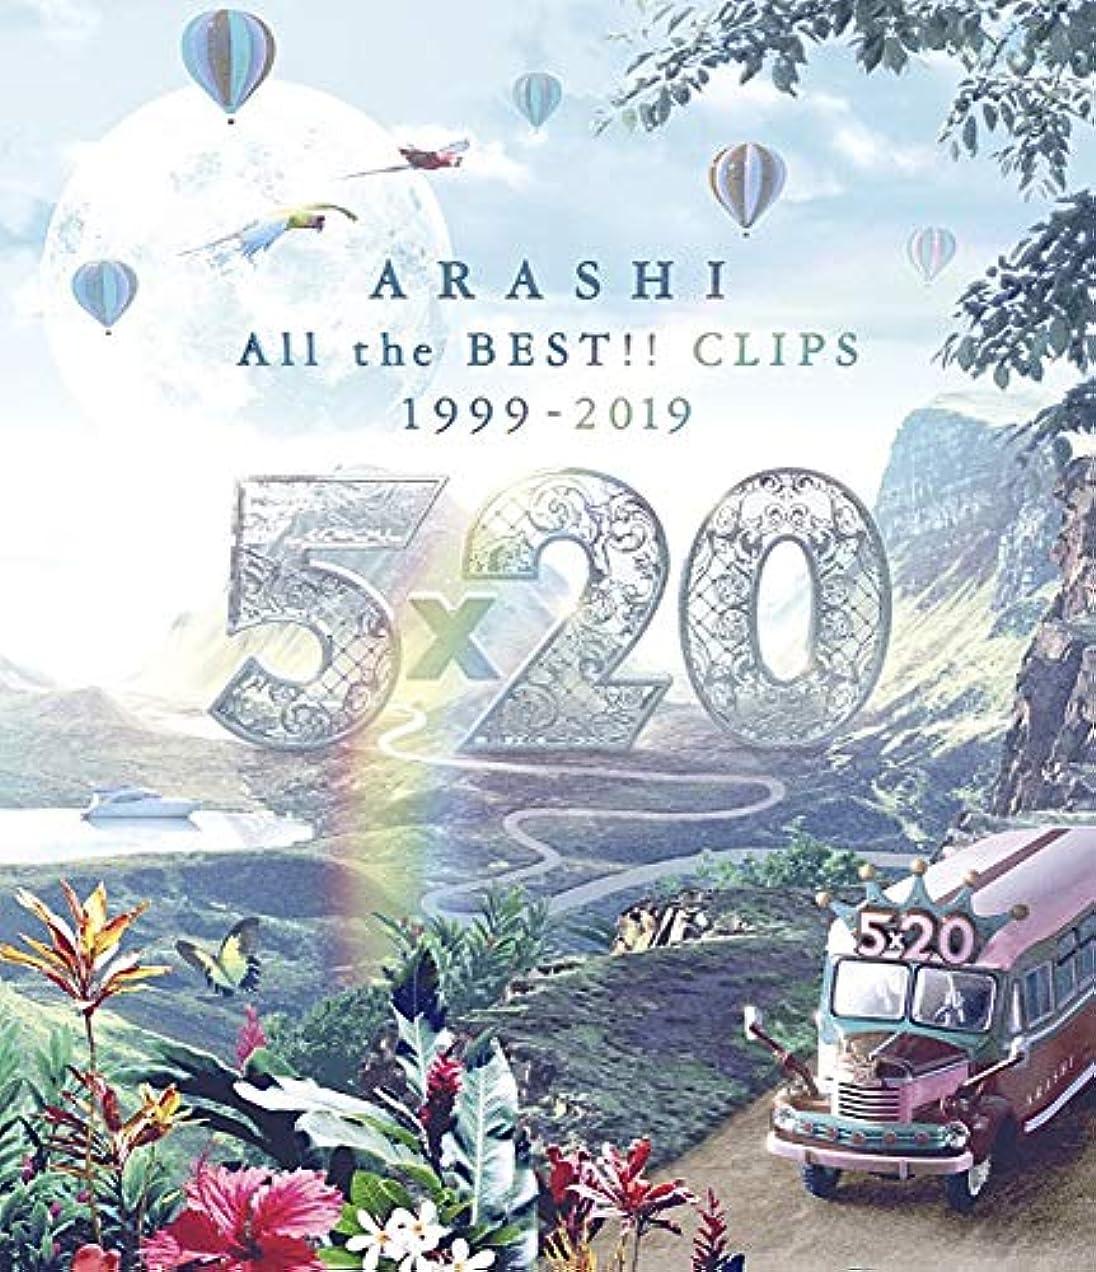 キー作家ピラミッド5×20 All the BEST!! CLIPS 1999-2019